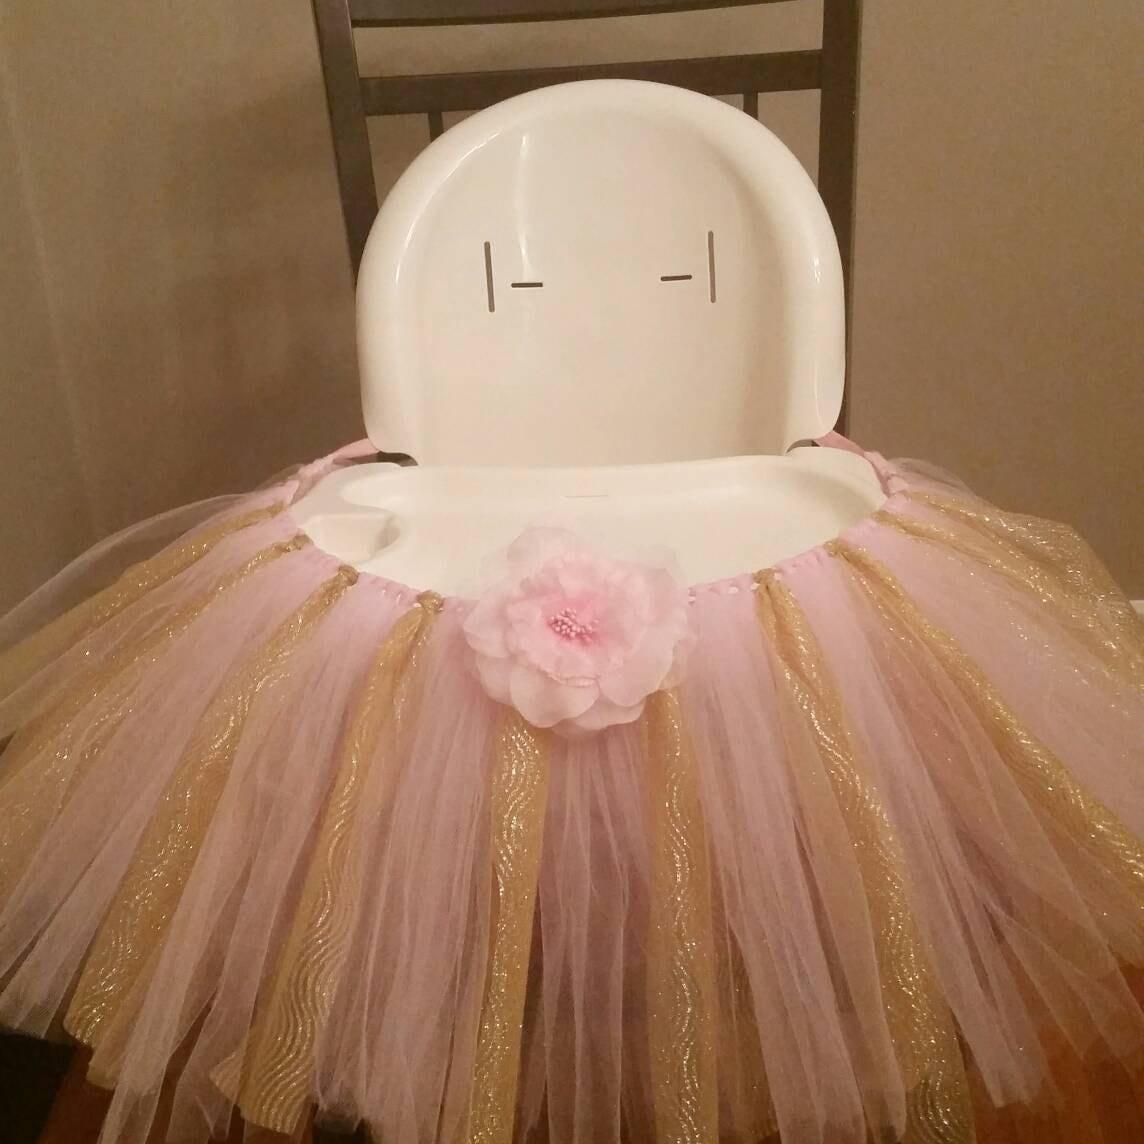 highchair tutu skirt tutu skirt chair skirt birthday